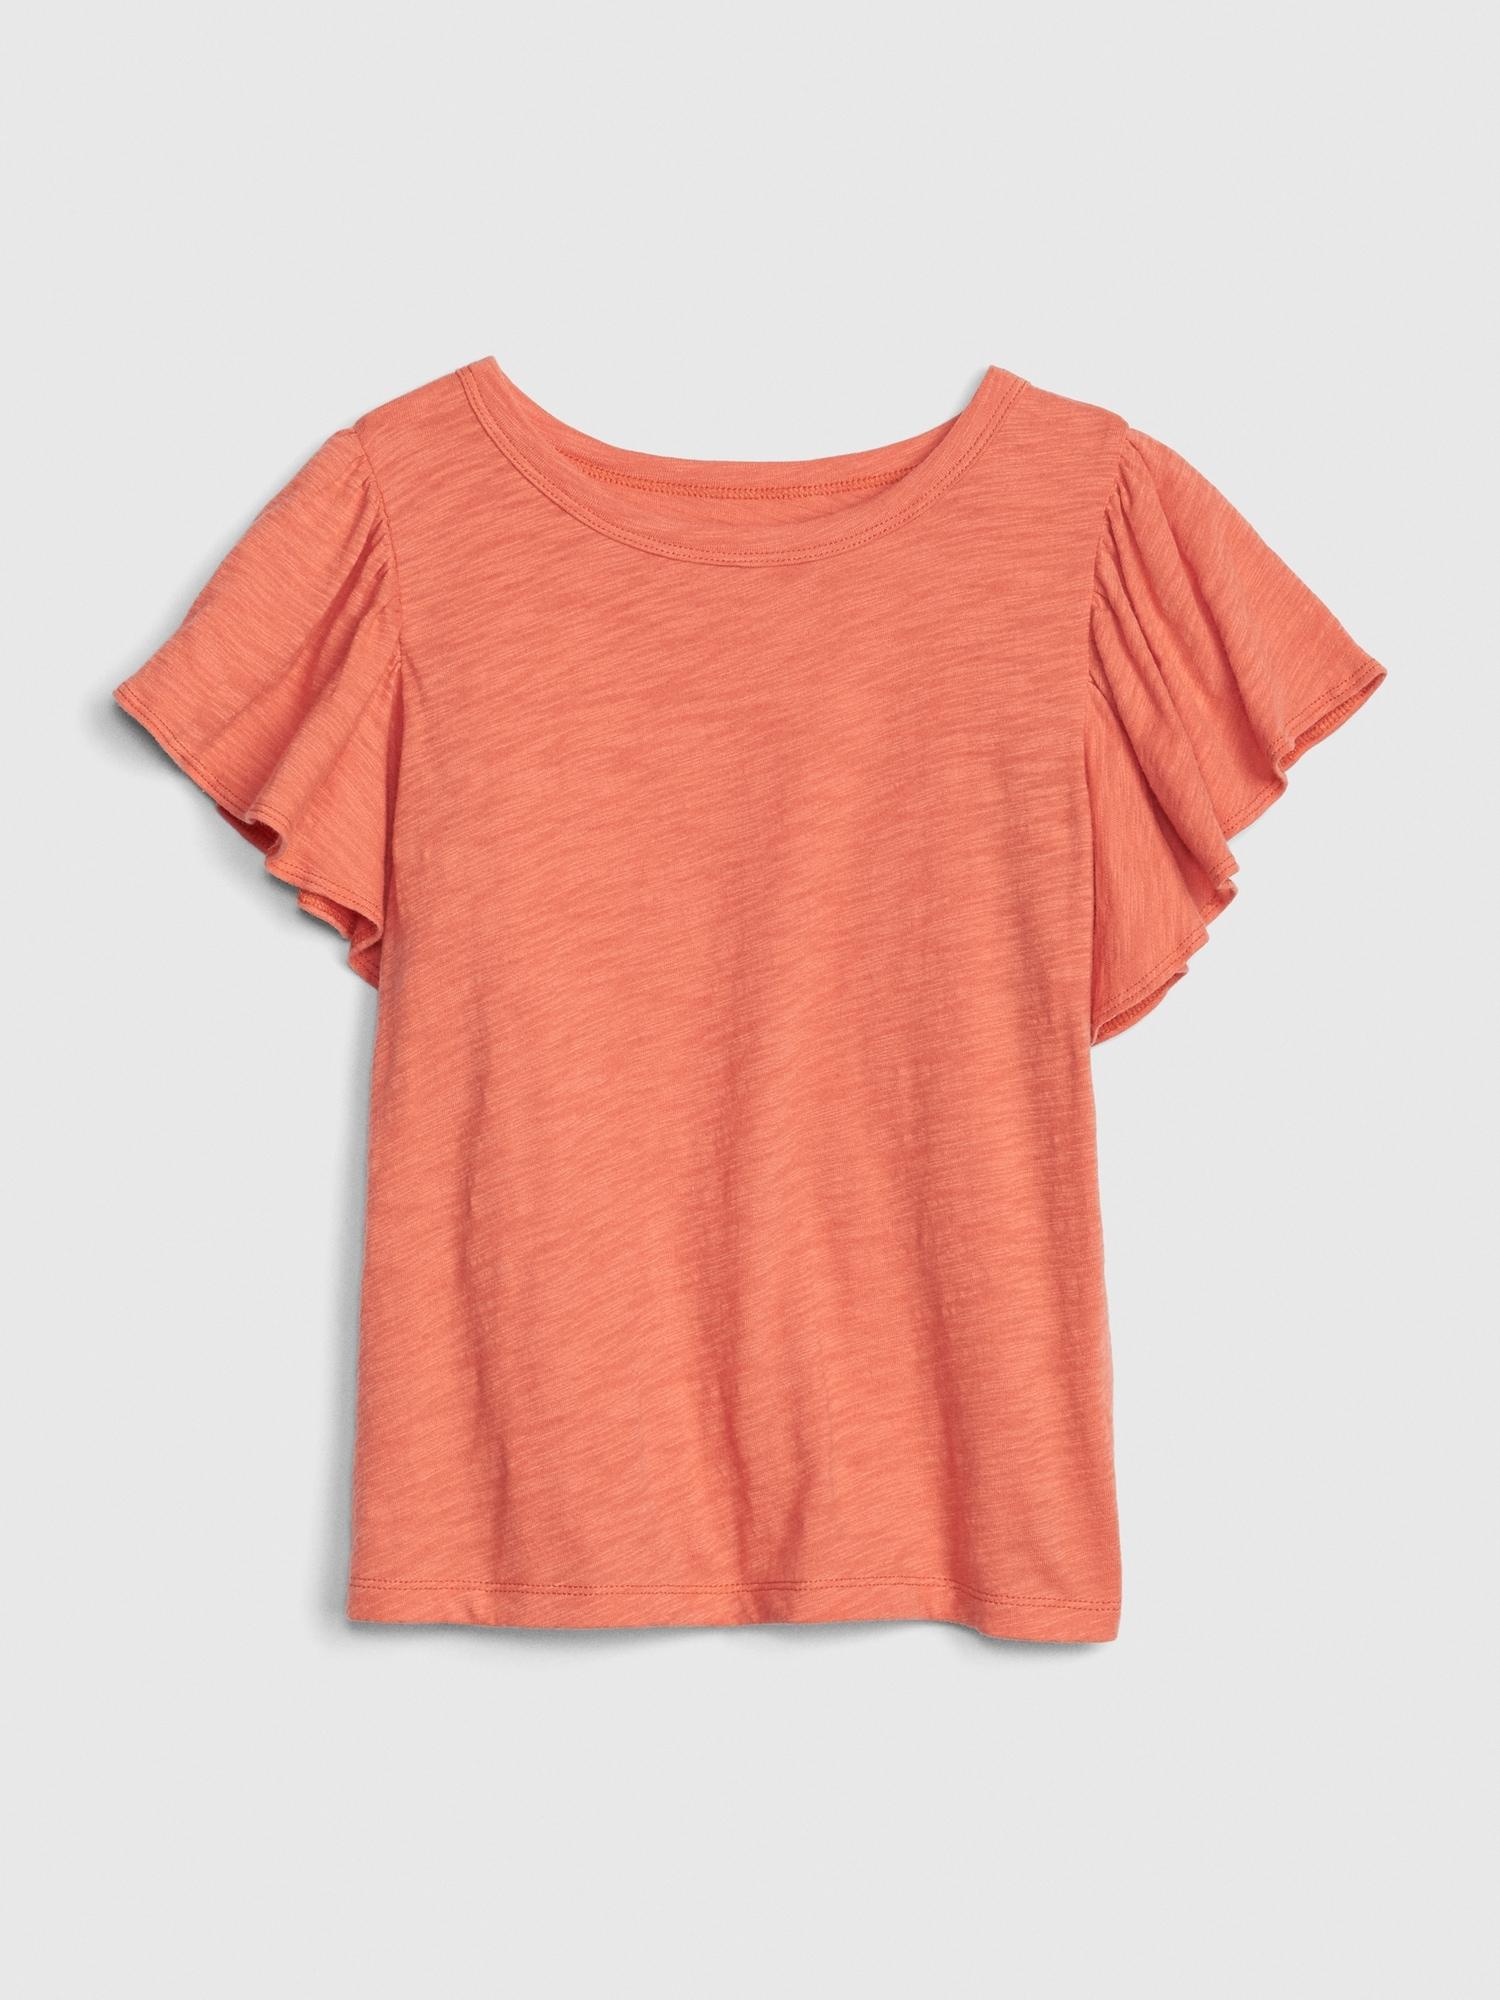 e83c5b1b8 Kids Flutter T-Shirt | Gap